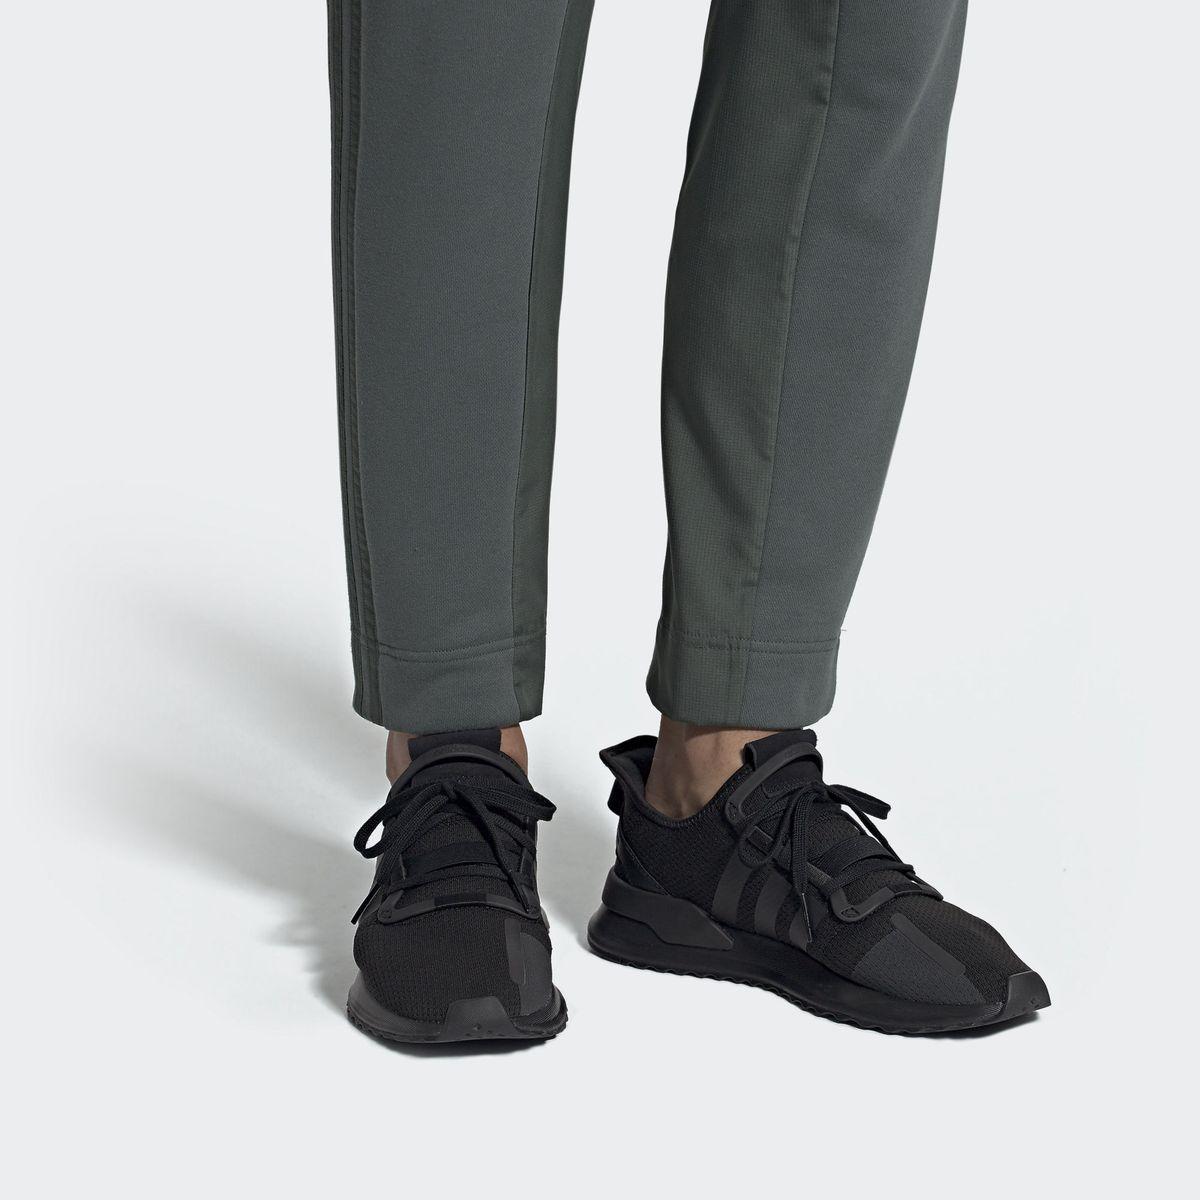 adidas bottes eqt 93 16 hommes formateurs review